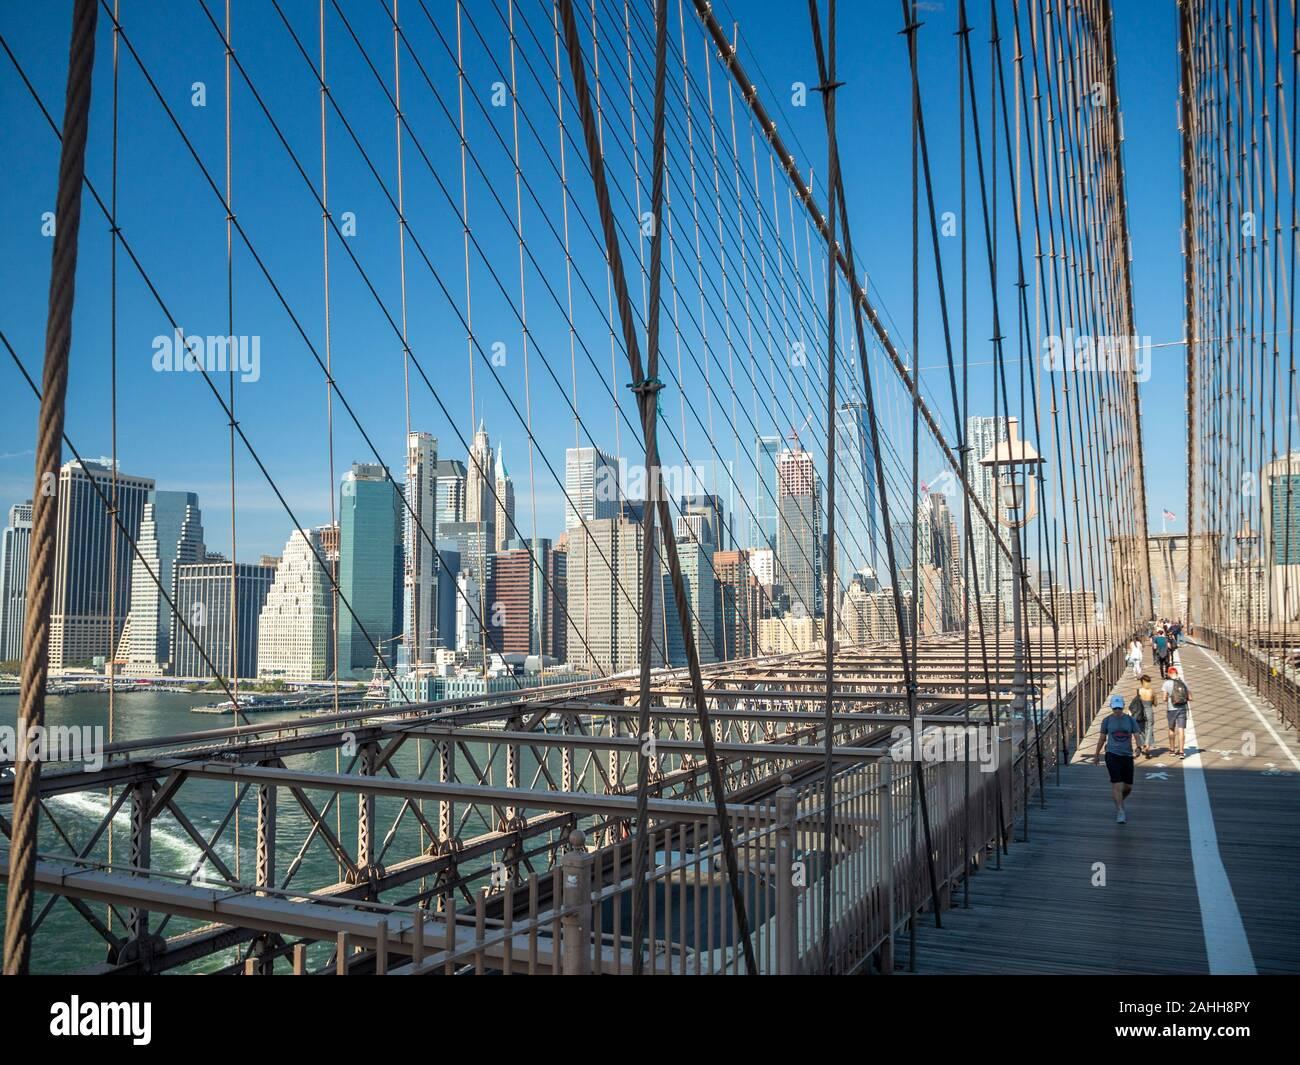 Puente de Brooklyn, Nueva York, EE.UU. [ Brooklyn Bridge arquitectura con vista panorámica de la ciudad de Nueva York y Manhattan, One World Trade Center ] Foto de stock